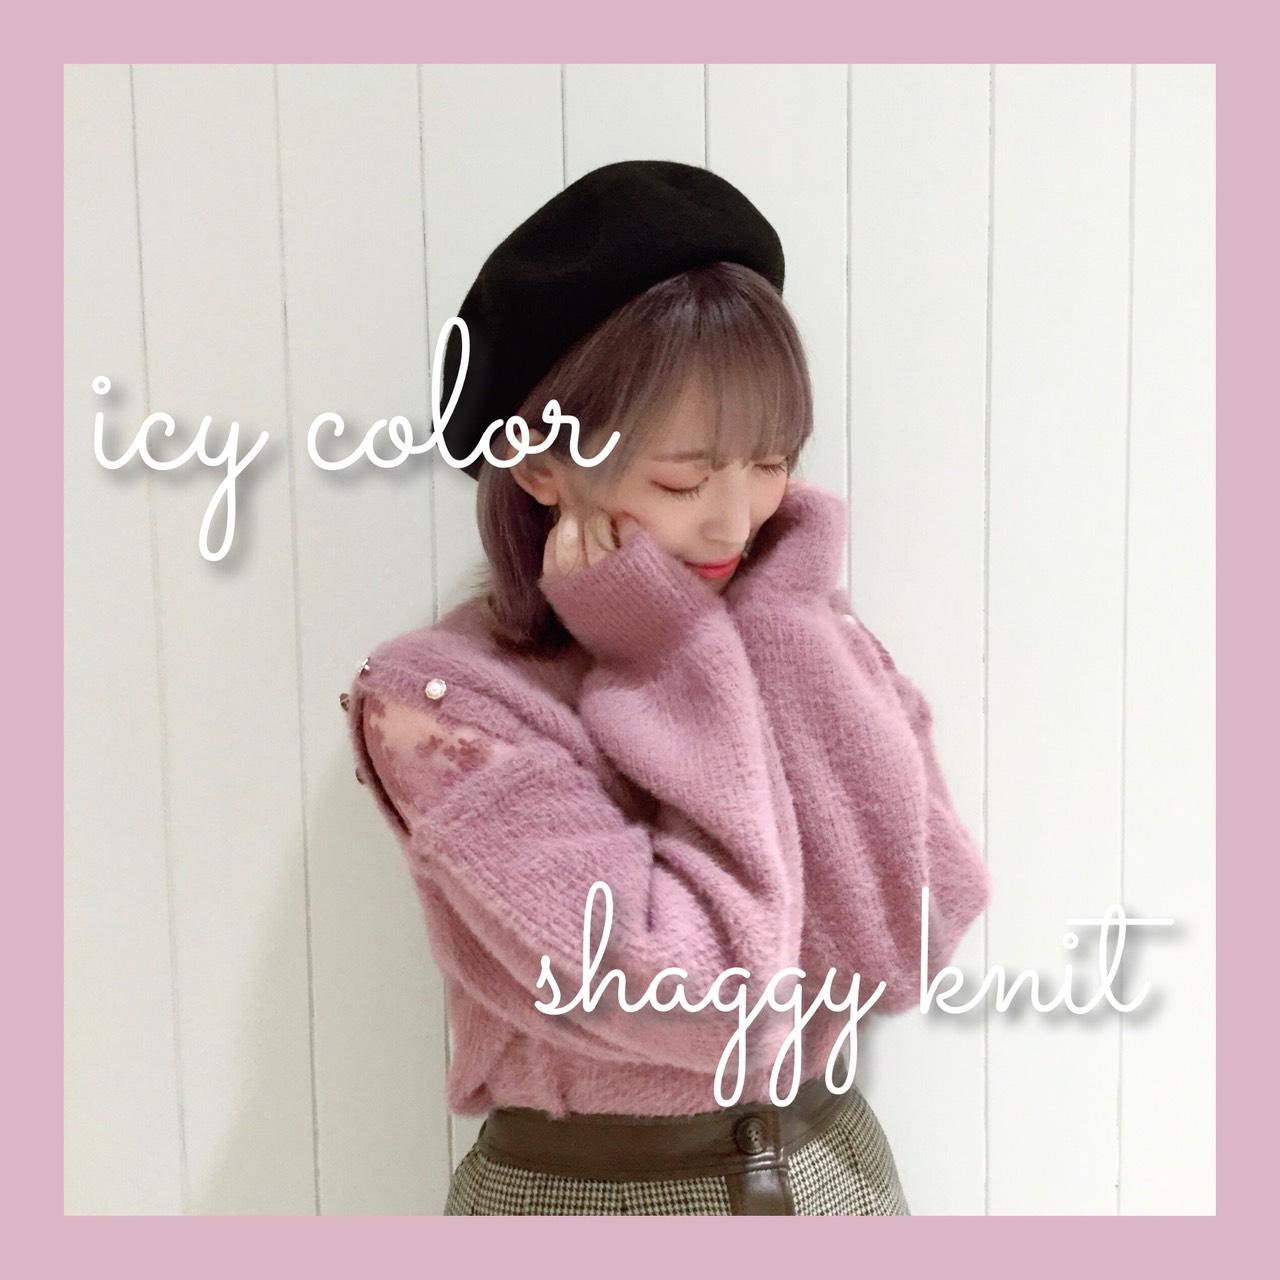 全8色!#アイシーカラーシャギーニット 🎀 ピンクを使ったガーリーコーデ💕